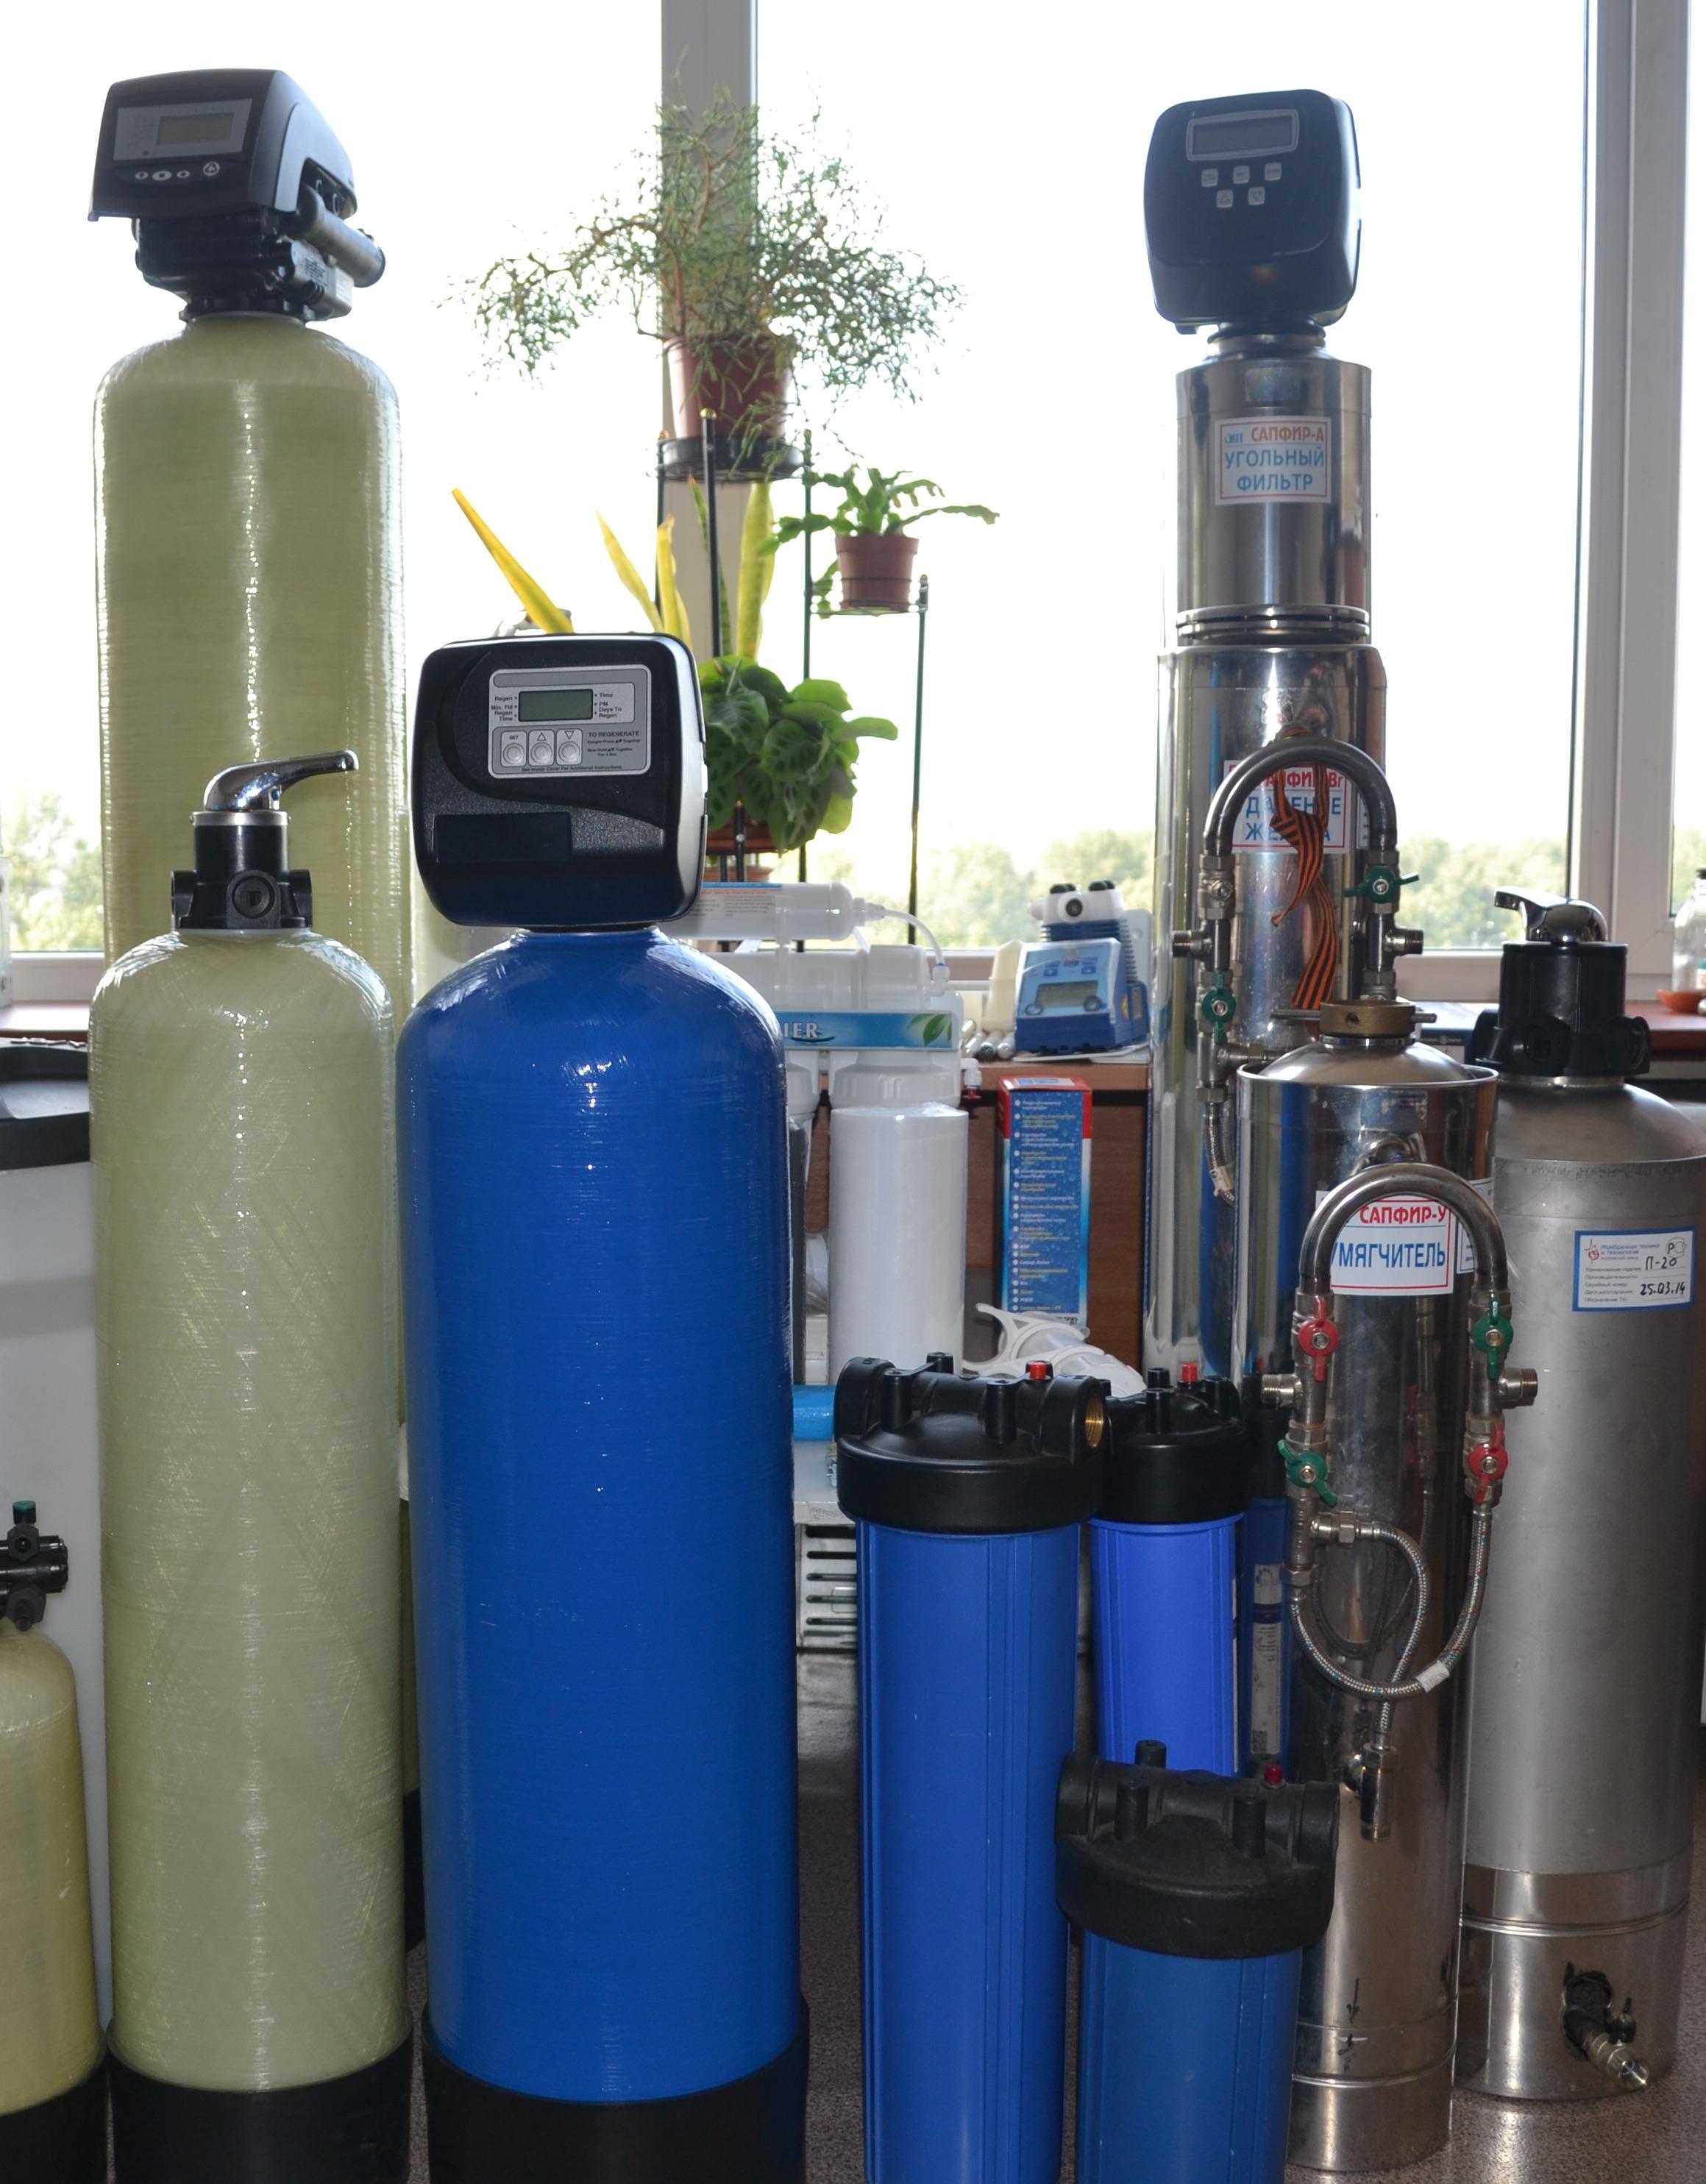 Фильтры и оборудование для очистки воды и водоподготовки Каталог